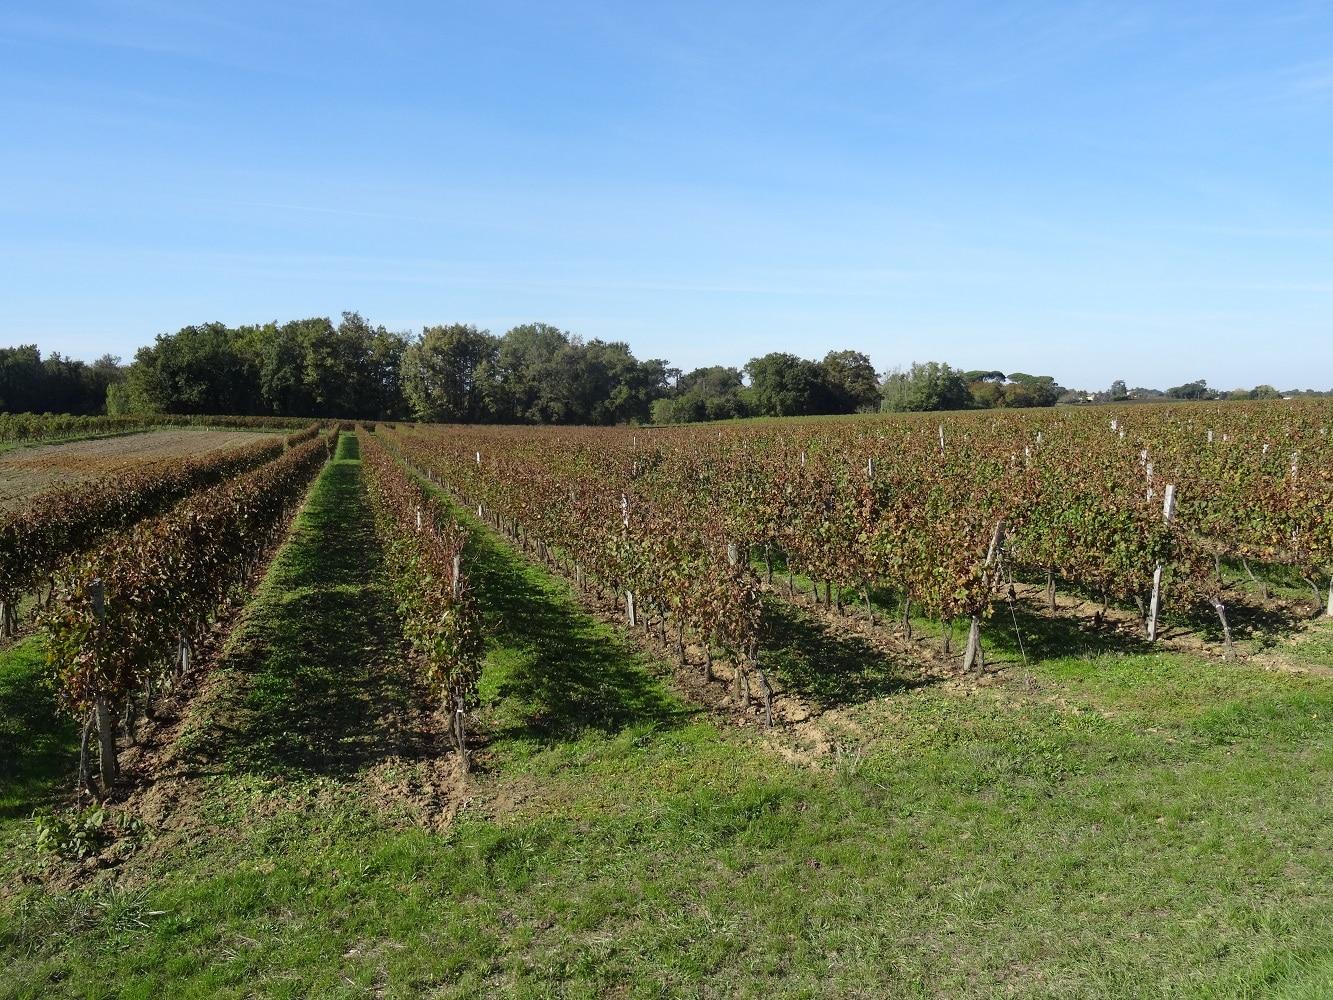 Les vignobles sur la boucle du moulin neuf sur Saint-Quentin-de-Baron